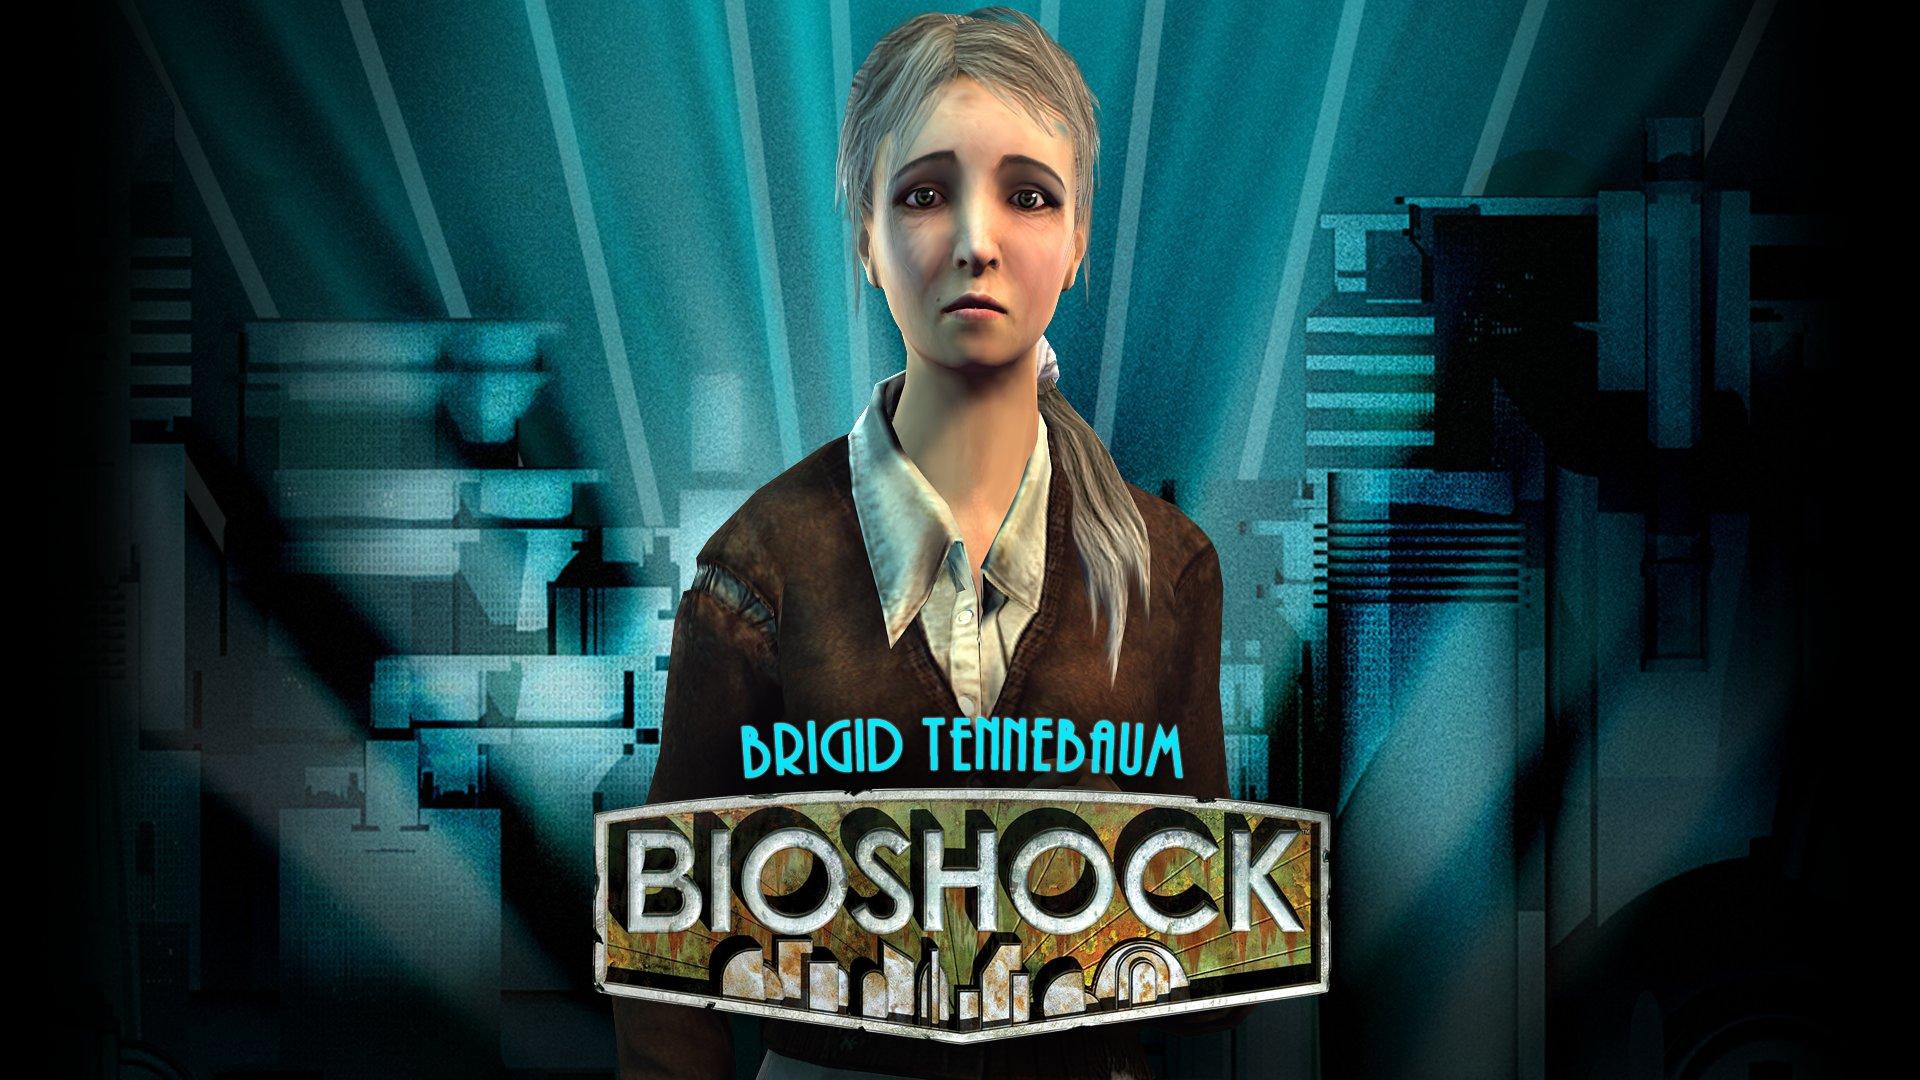 Bioshock remastered brigid tennebaum steam trading - Bioshock wikia ...